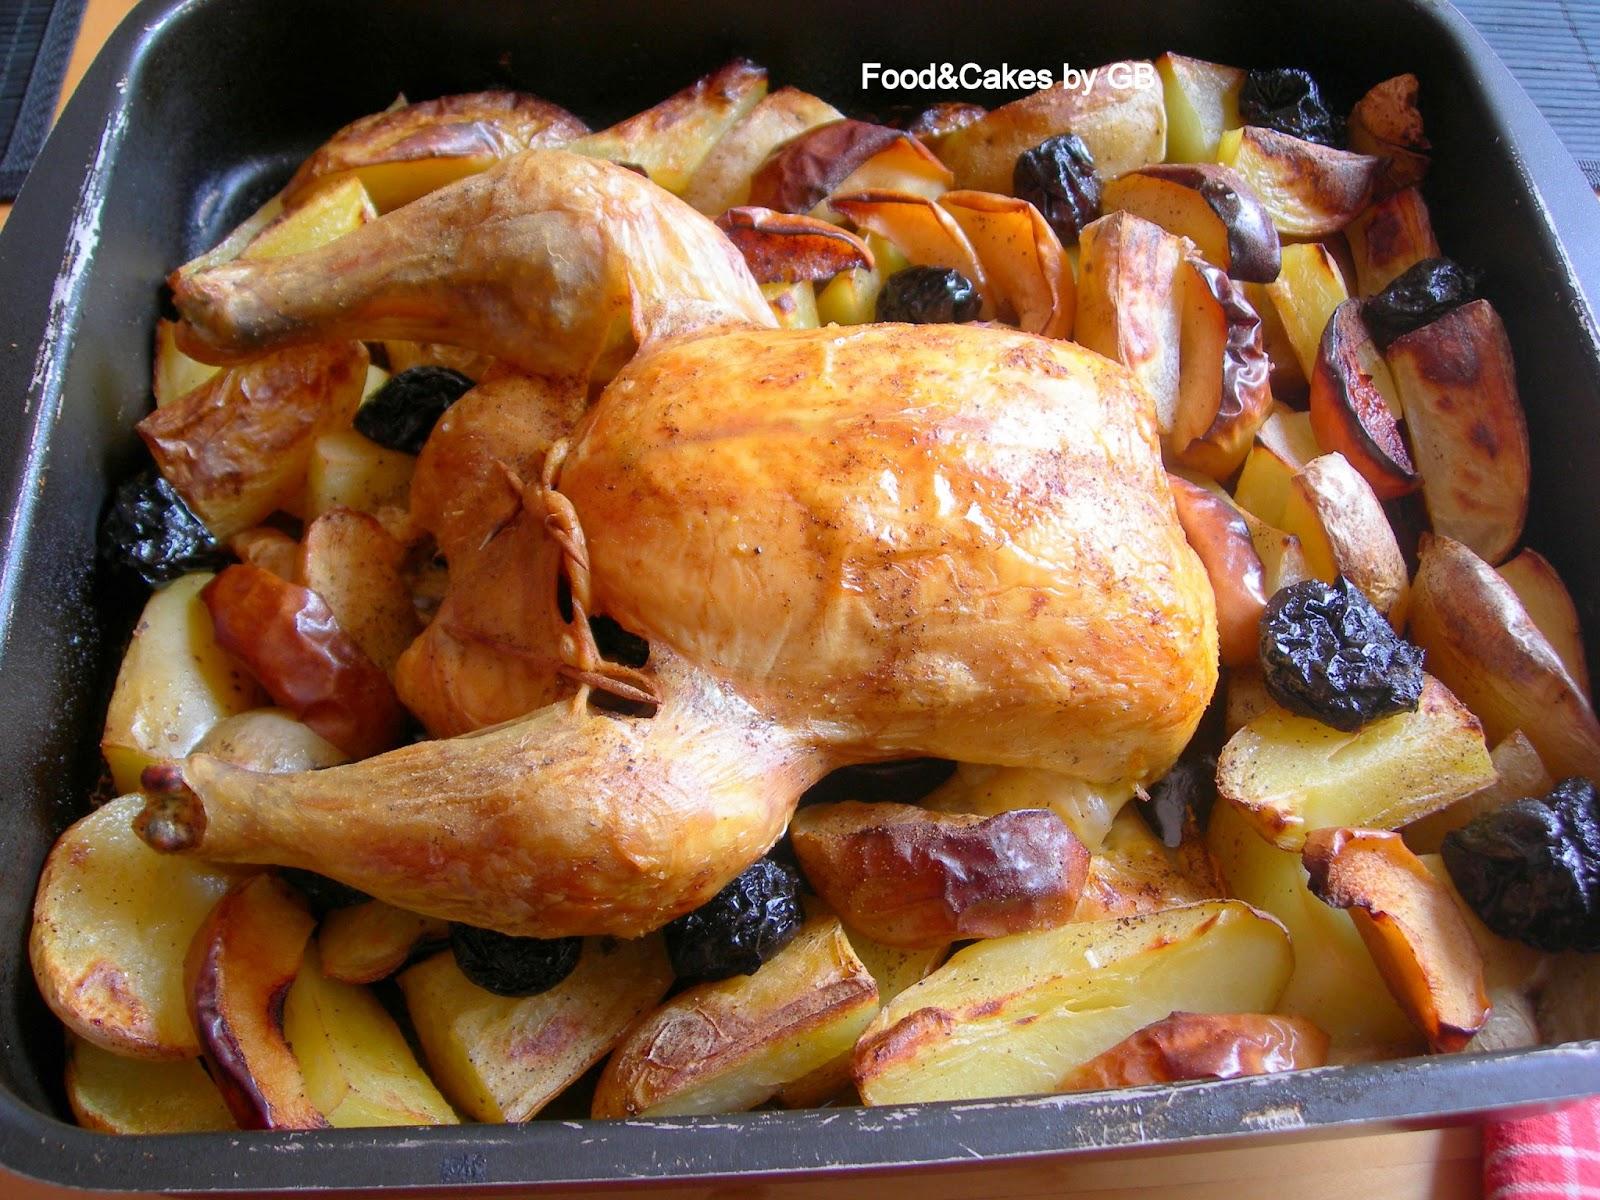 Food cakes pollo al horno con patatas manzanas y ciruelas - Pollo al horno con limon y patatas ...